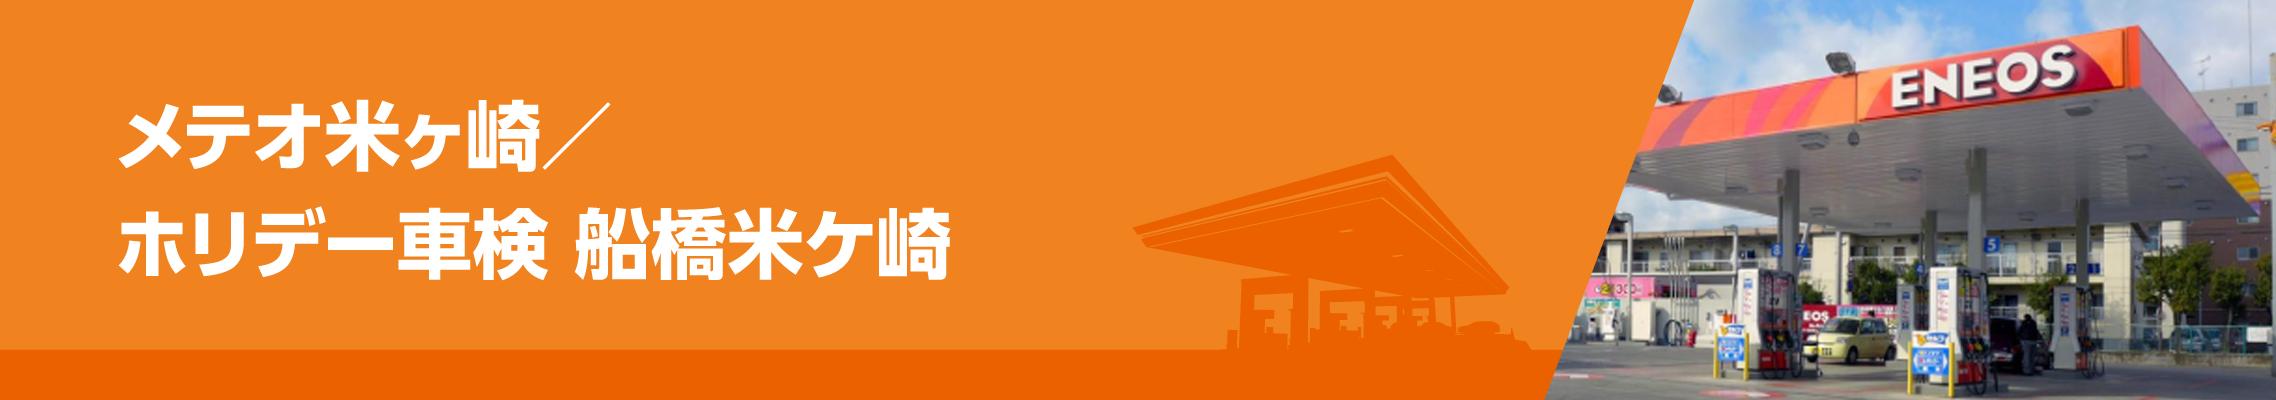 メテオ米ヶ崎/ホリデー車検 船橋米ケ崎